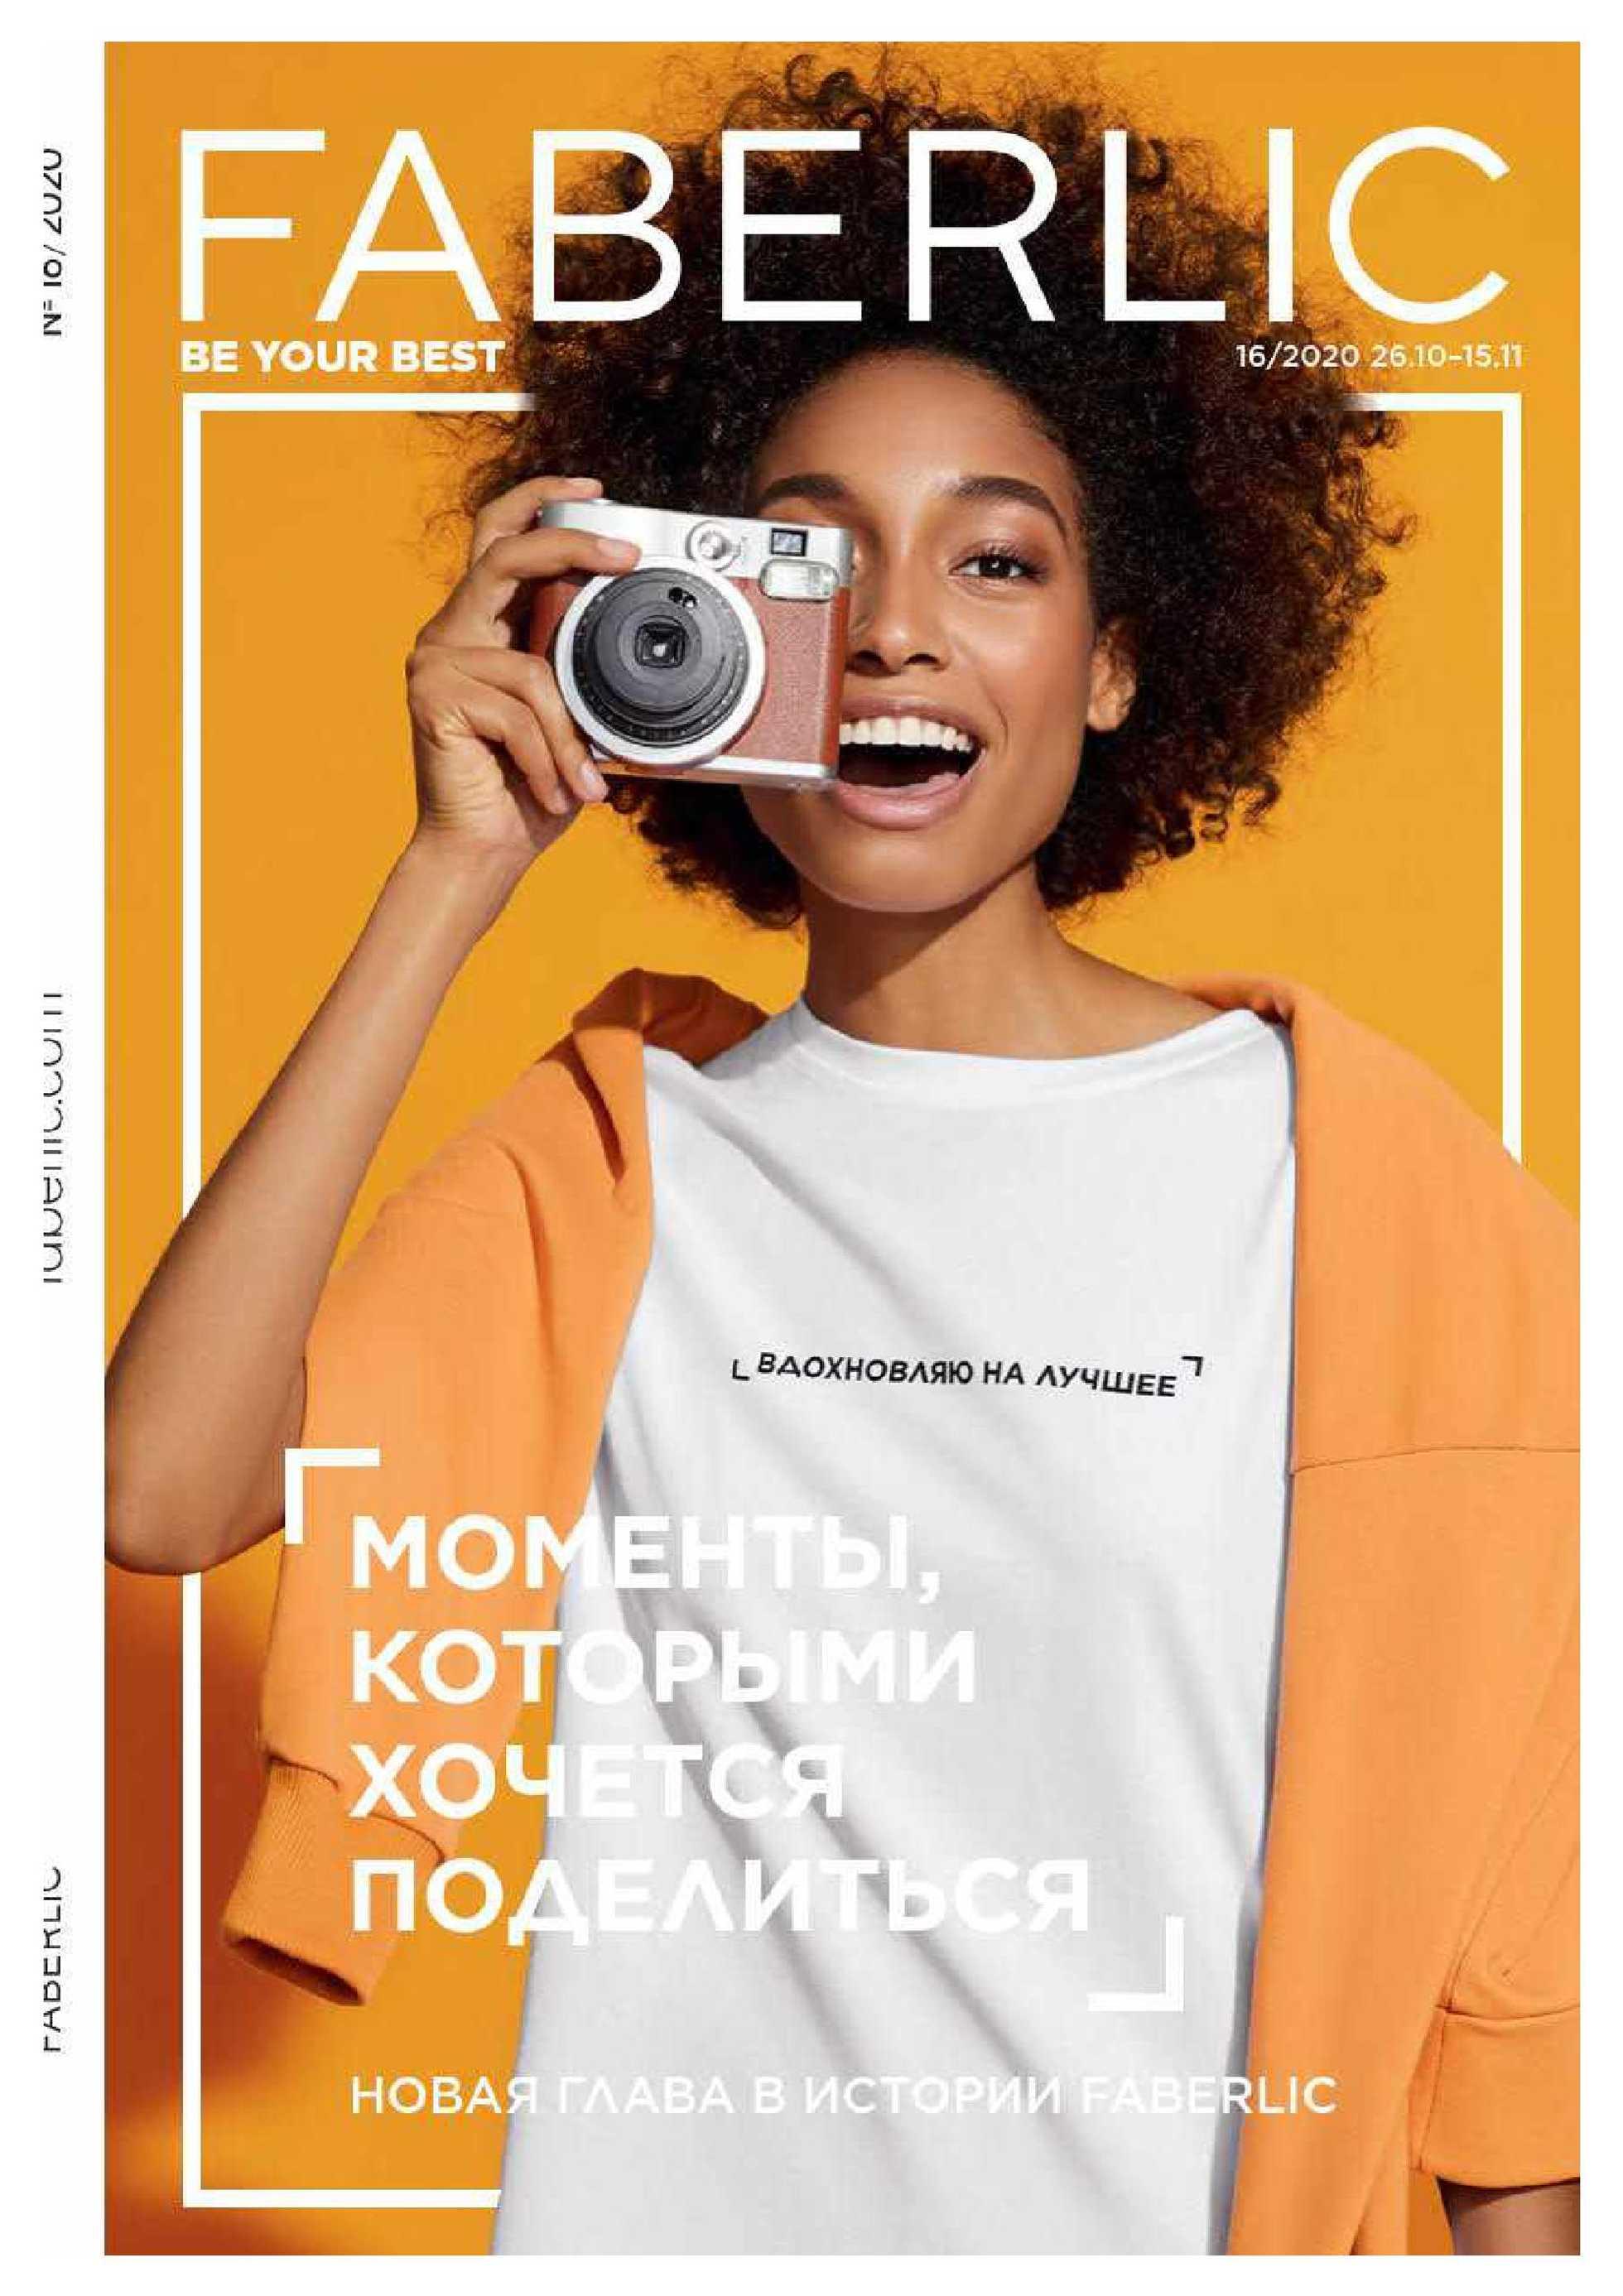 Фаберлик - каталог действителен с 26.10.2020 по 15.11.2020 - страница 1.